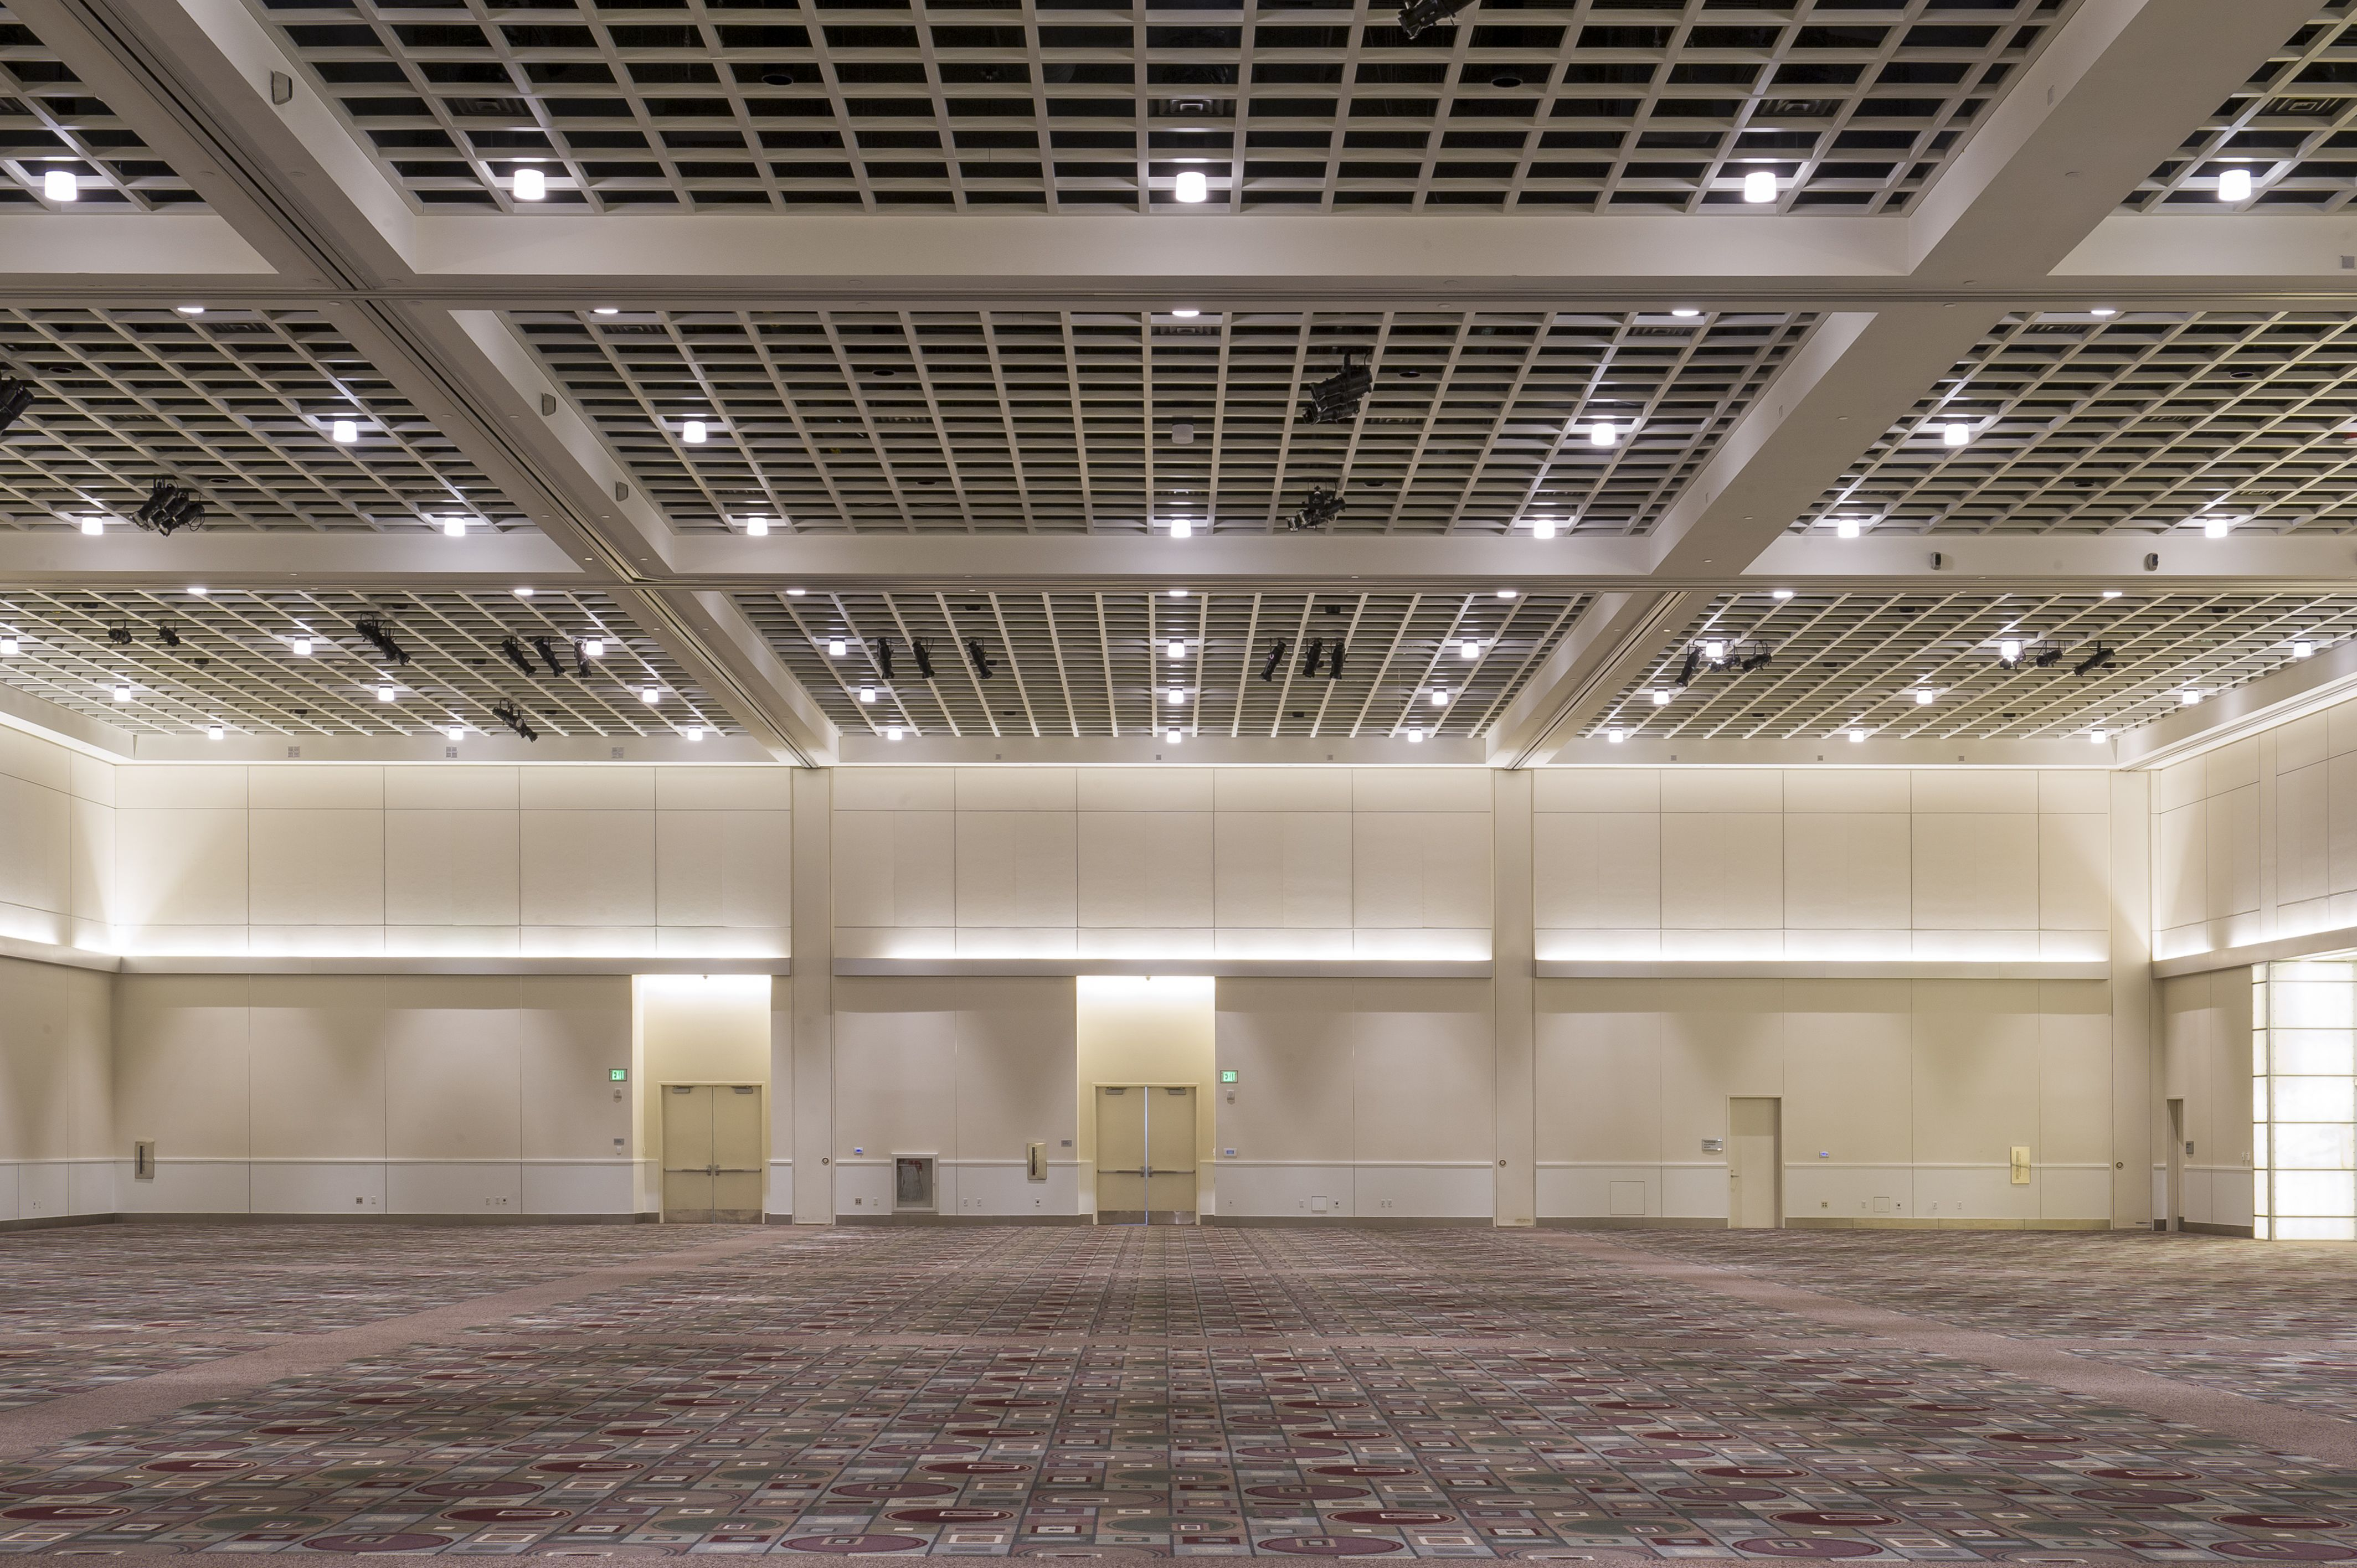 Owenscorning Acousticalpanels Noisecontrol Soundabsorption Acoustical Ceiling Acoustic Solutions Public Building